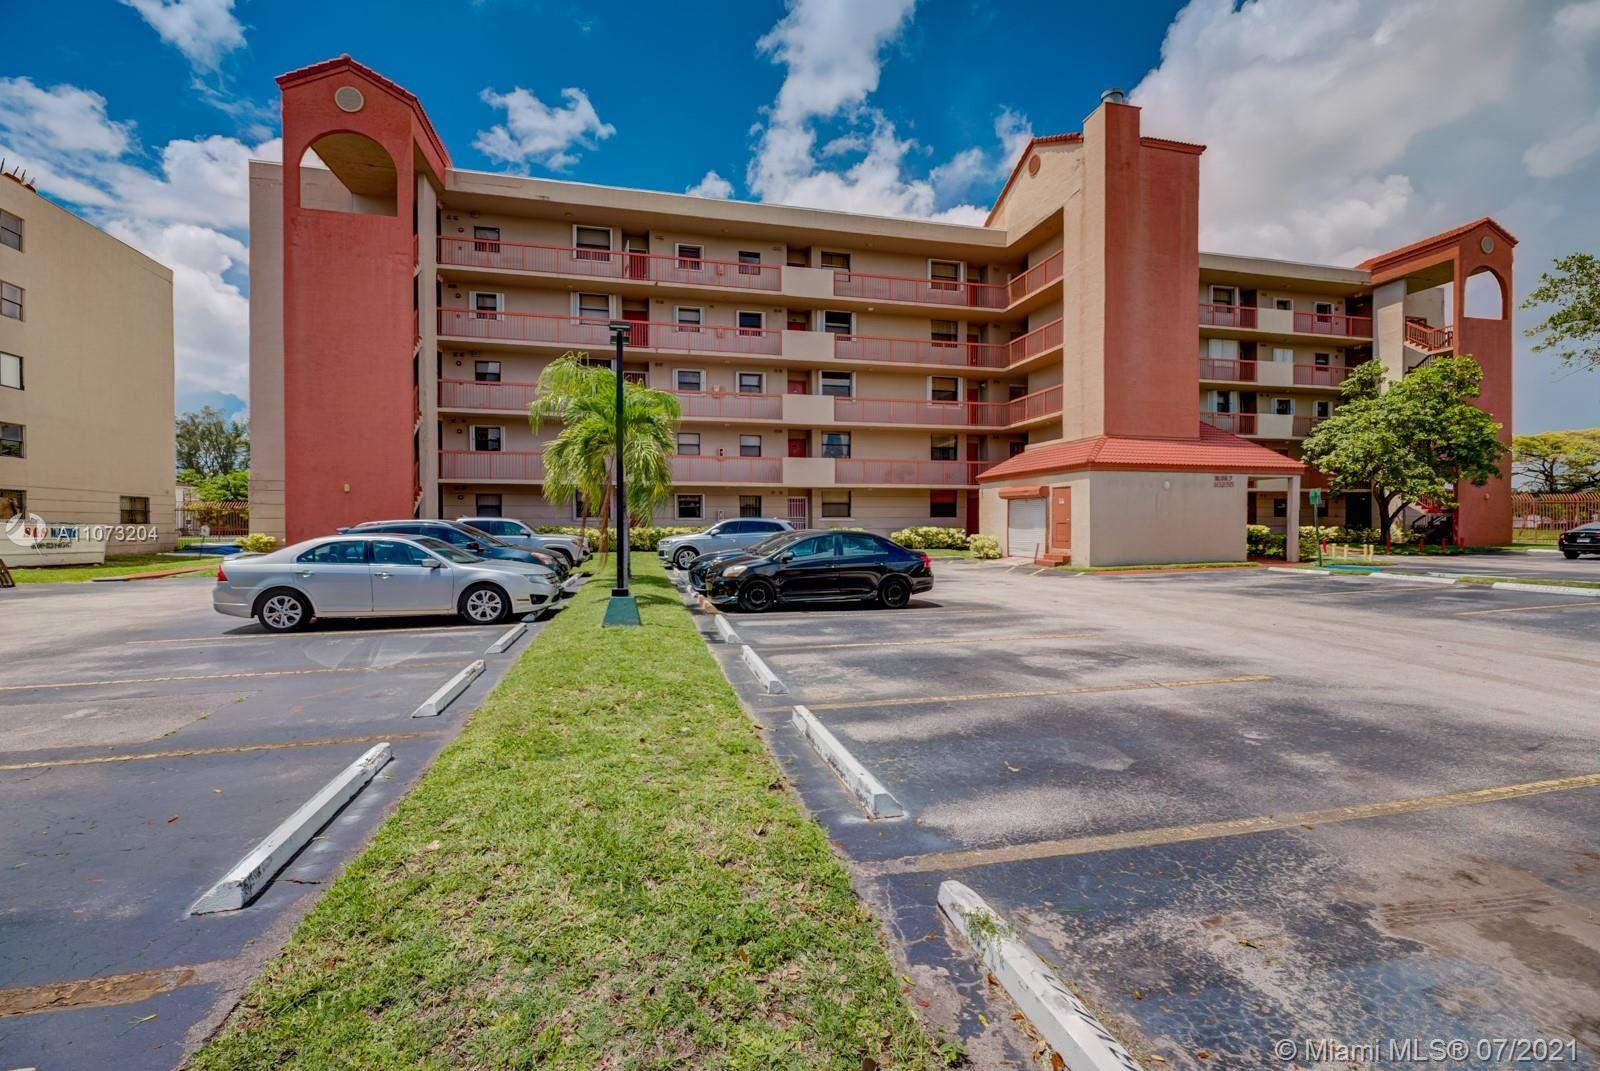 10255 NW 9th St Cir #201-7, Miami, FL 33172 - #: A11073204